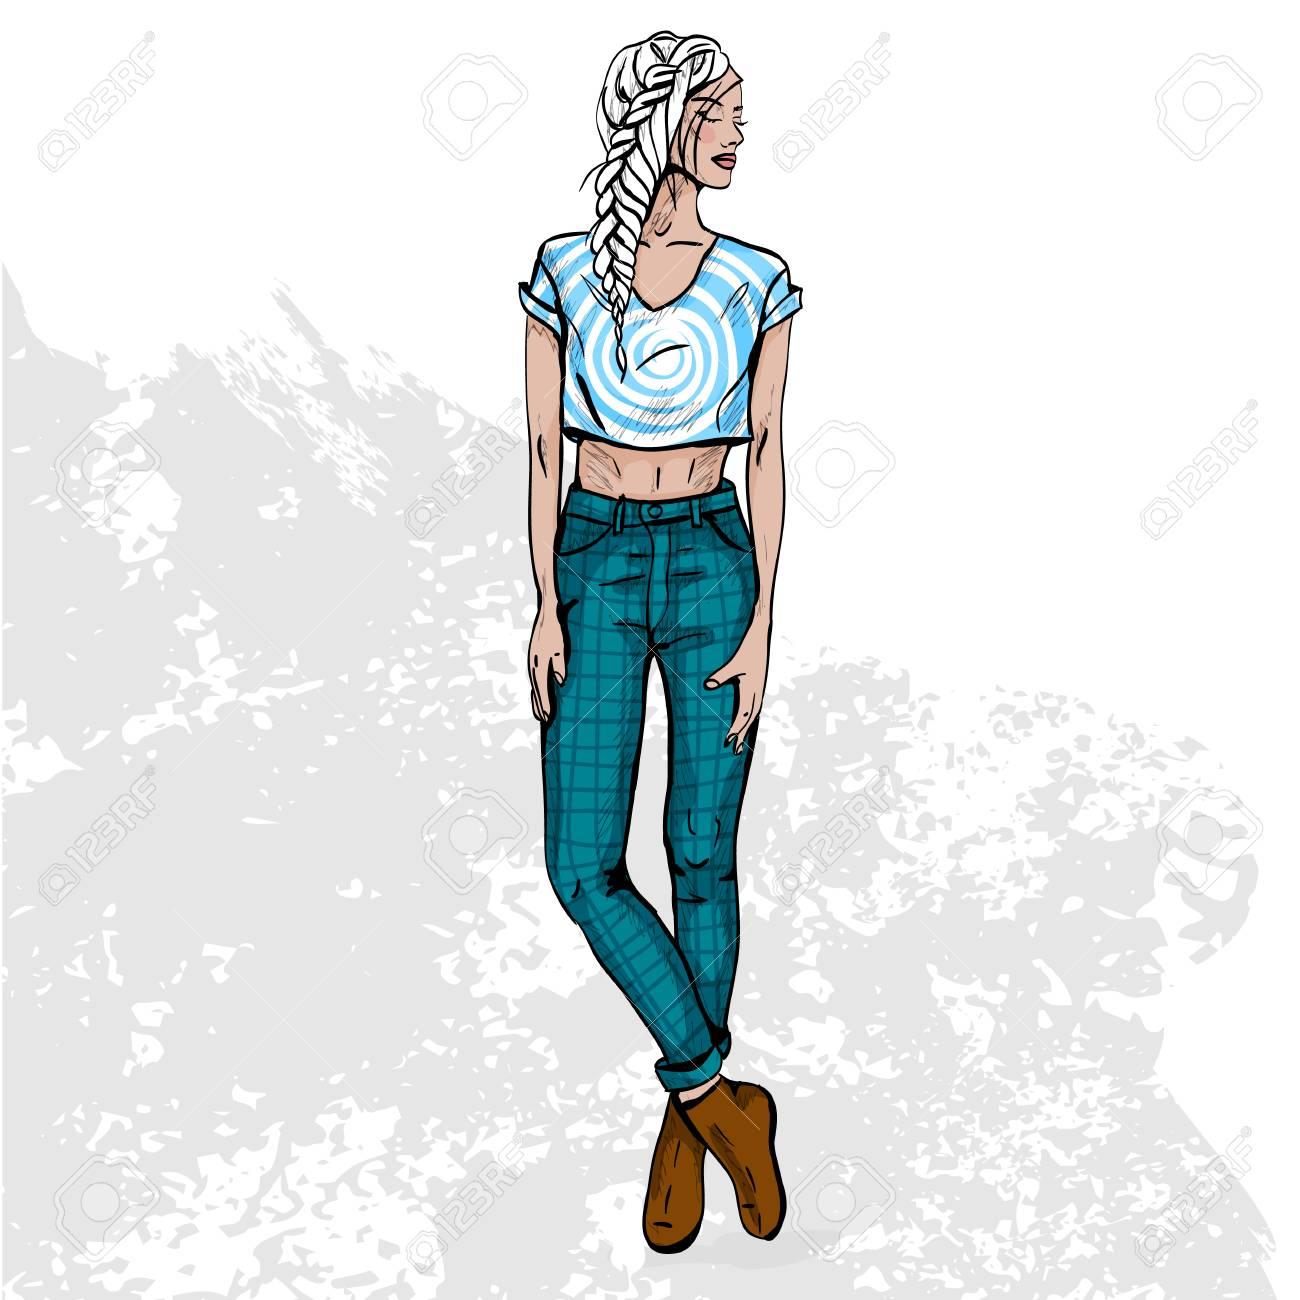 Uberlegen Hohe Trendfarbe Blick .Glamor Stilvolle Schöne Junge Frau Modell. Helle  Bunte Tuch. Modestil